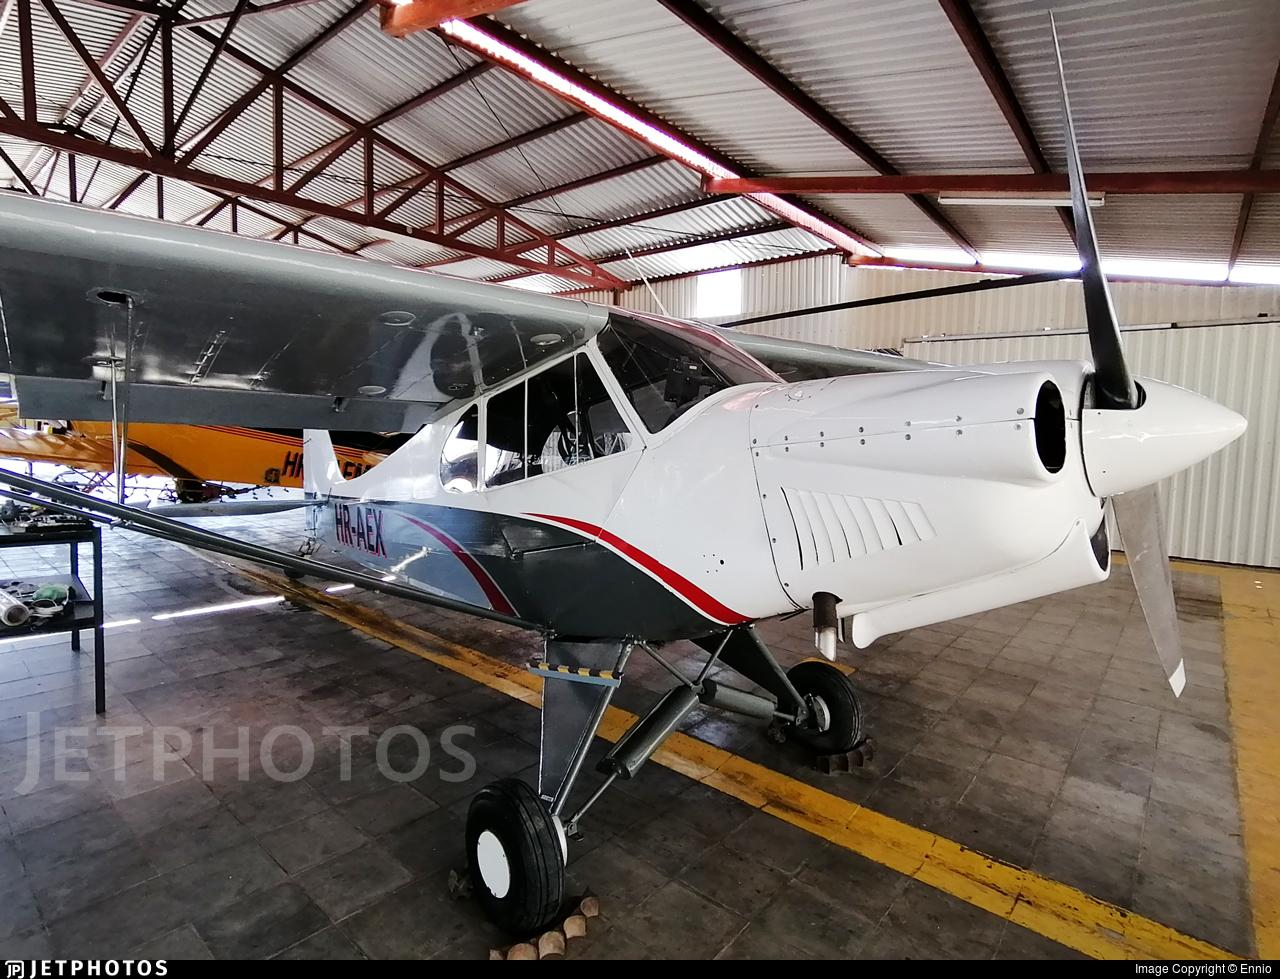 HR-AEX - Piper PA-18 Super Cub - Private